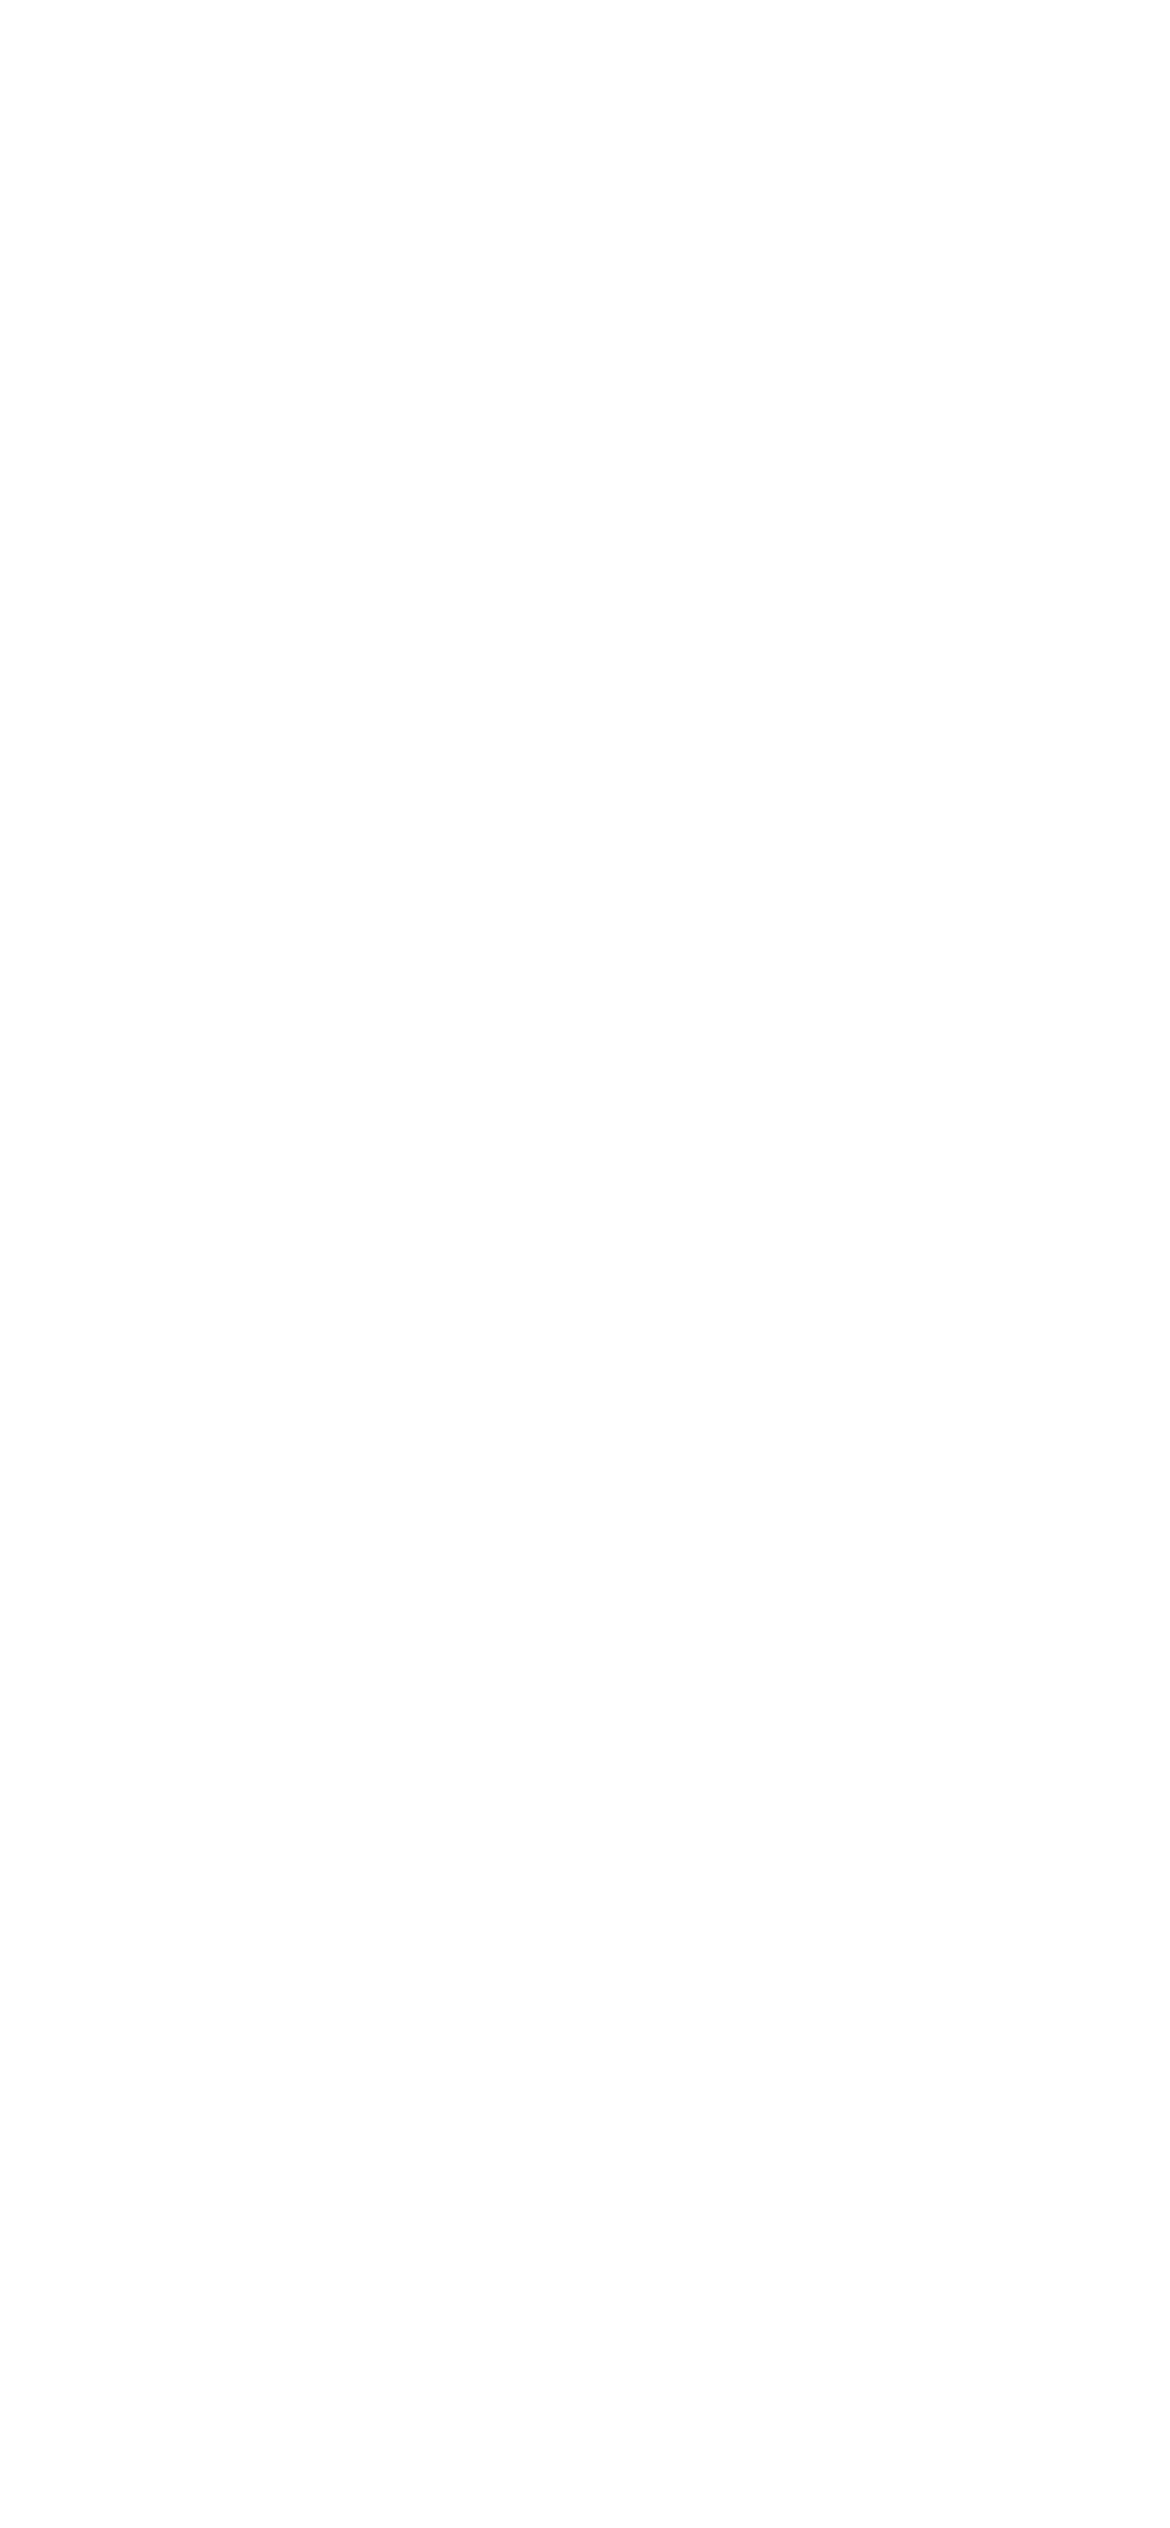 2017년 산토리니 얼리버드 프로모션 - 호텔티라닷컴에서 산토리니 호텔 2박 이상 예약시 - 산토리니 공항->호텔 편도 셔틀버스 픽업 1회 무료포함, 산토리니 차량 렌트 10유로 할인 // 얼리버드 프로모션 신청방법 : YELLOWID @티라트래블 로 호텔예약번호와 예약자 두분의 이름을 보내주시면 편도 무료 픽업과 렌터카 10유로 할인혜택을 제공해 드립니다.